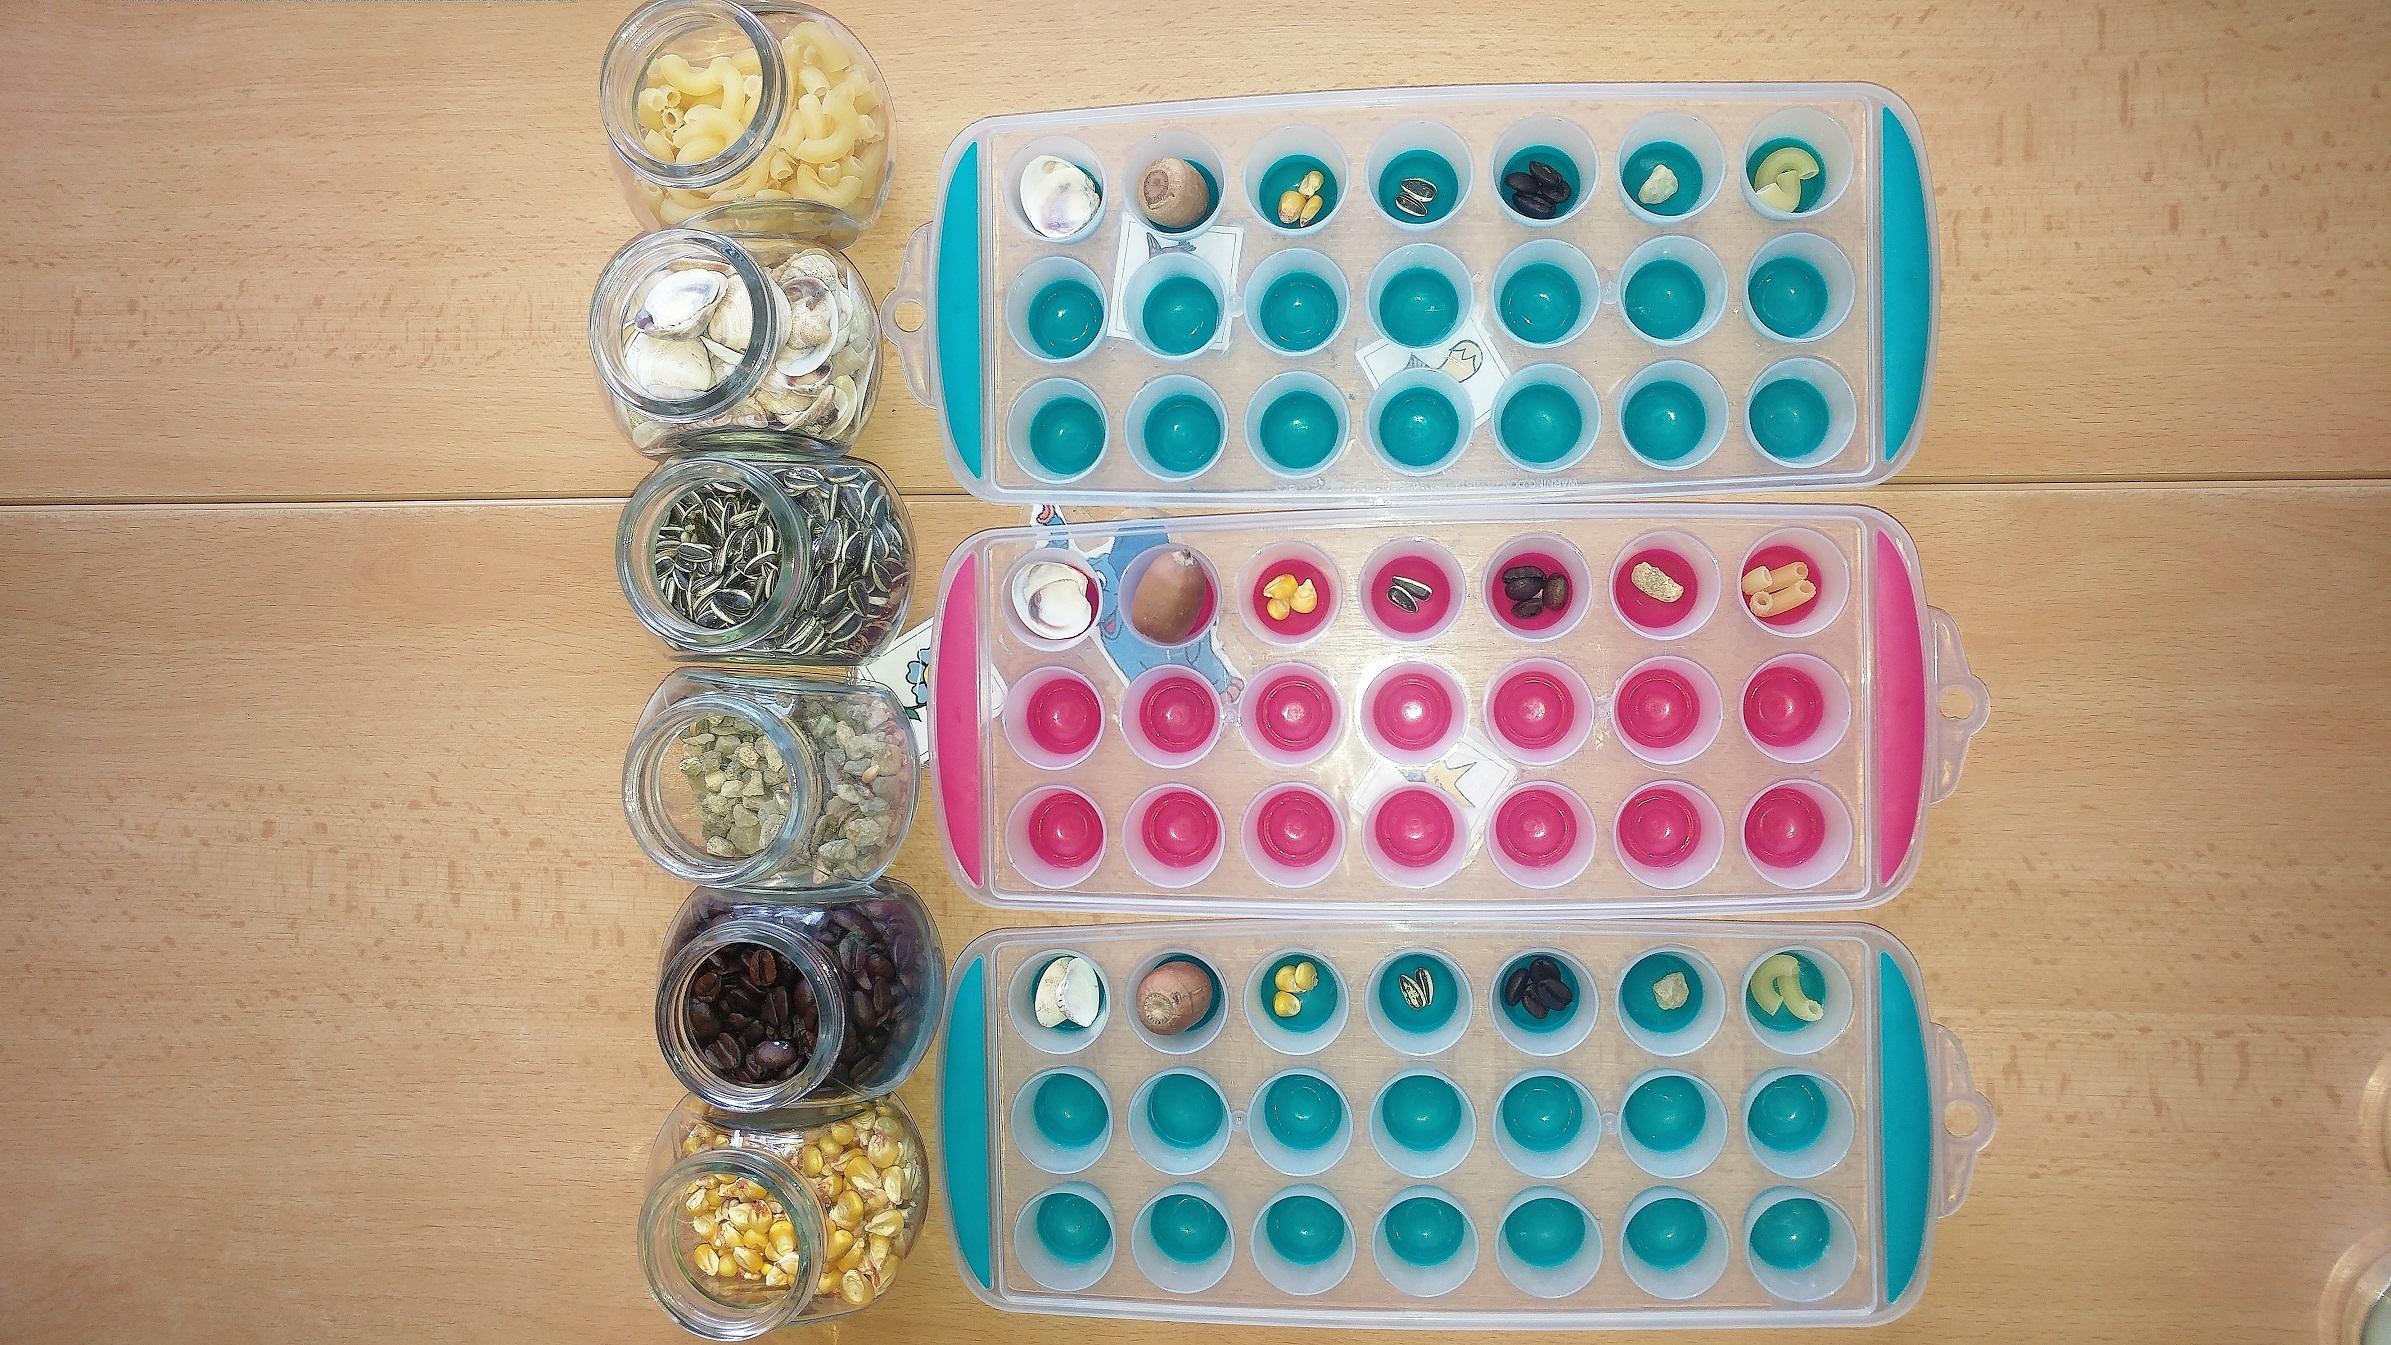 Hra rozvíjejí matematické dovednosti s pomocí tvořítka na led a přírodnin_3. Učitelka připravila 1. řádek. Zdroj Archiv Vladimíry Tomíkové